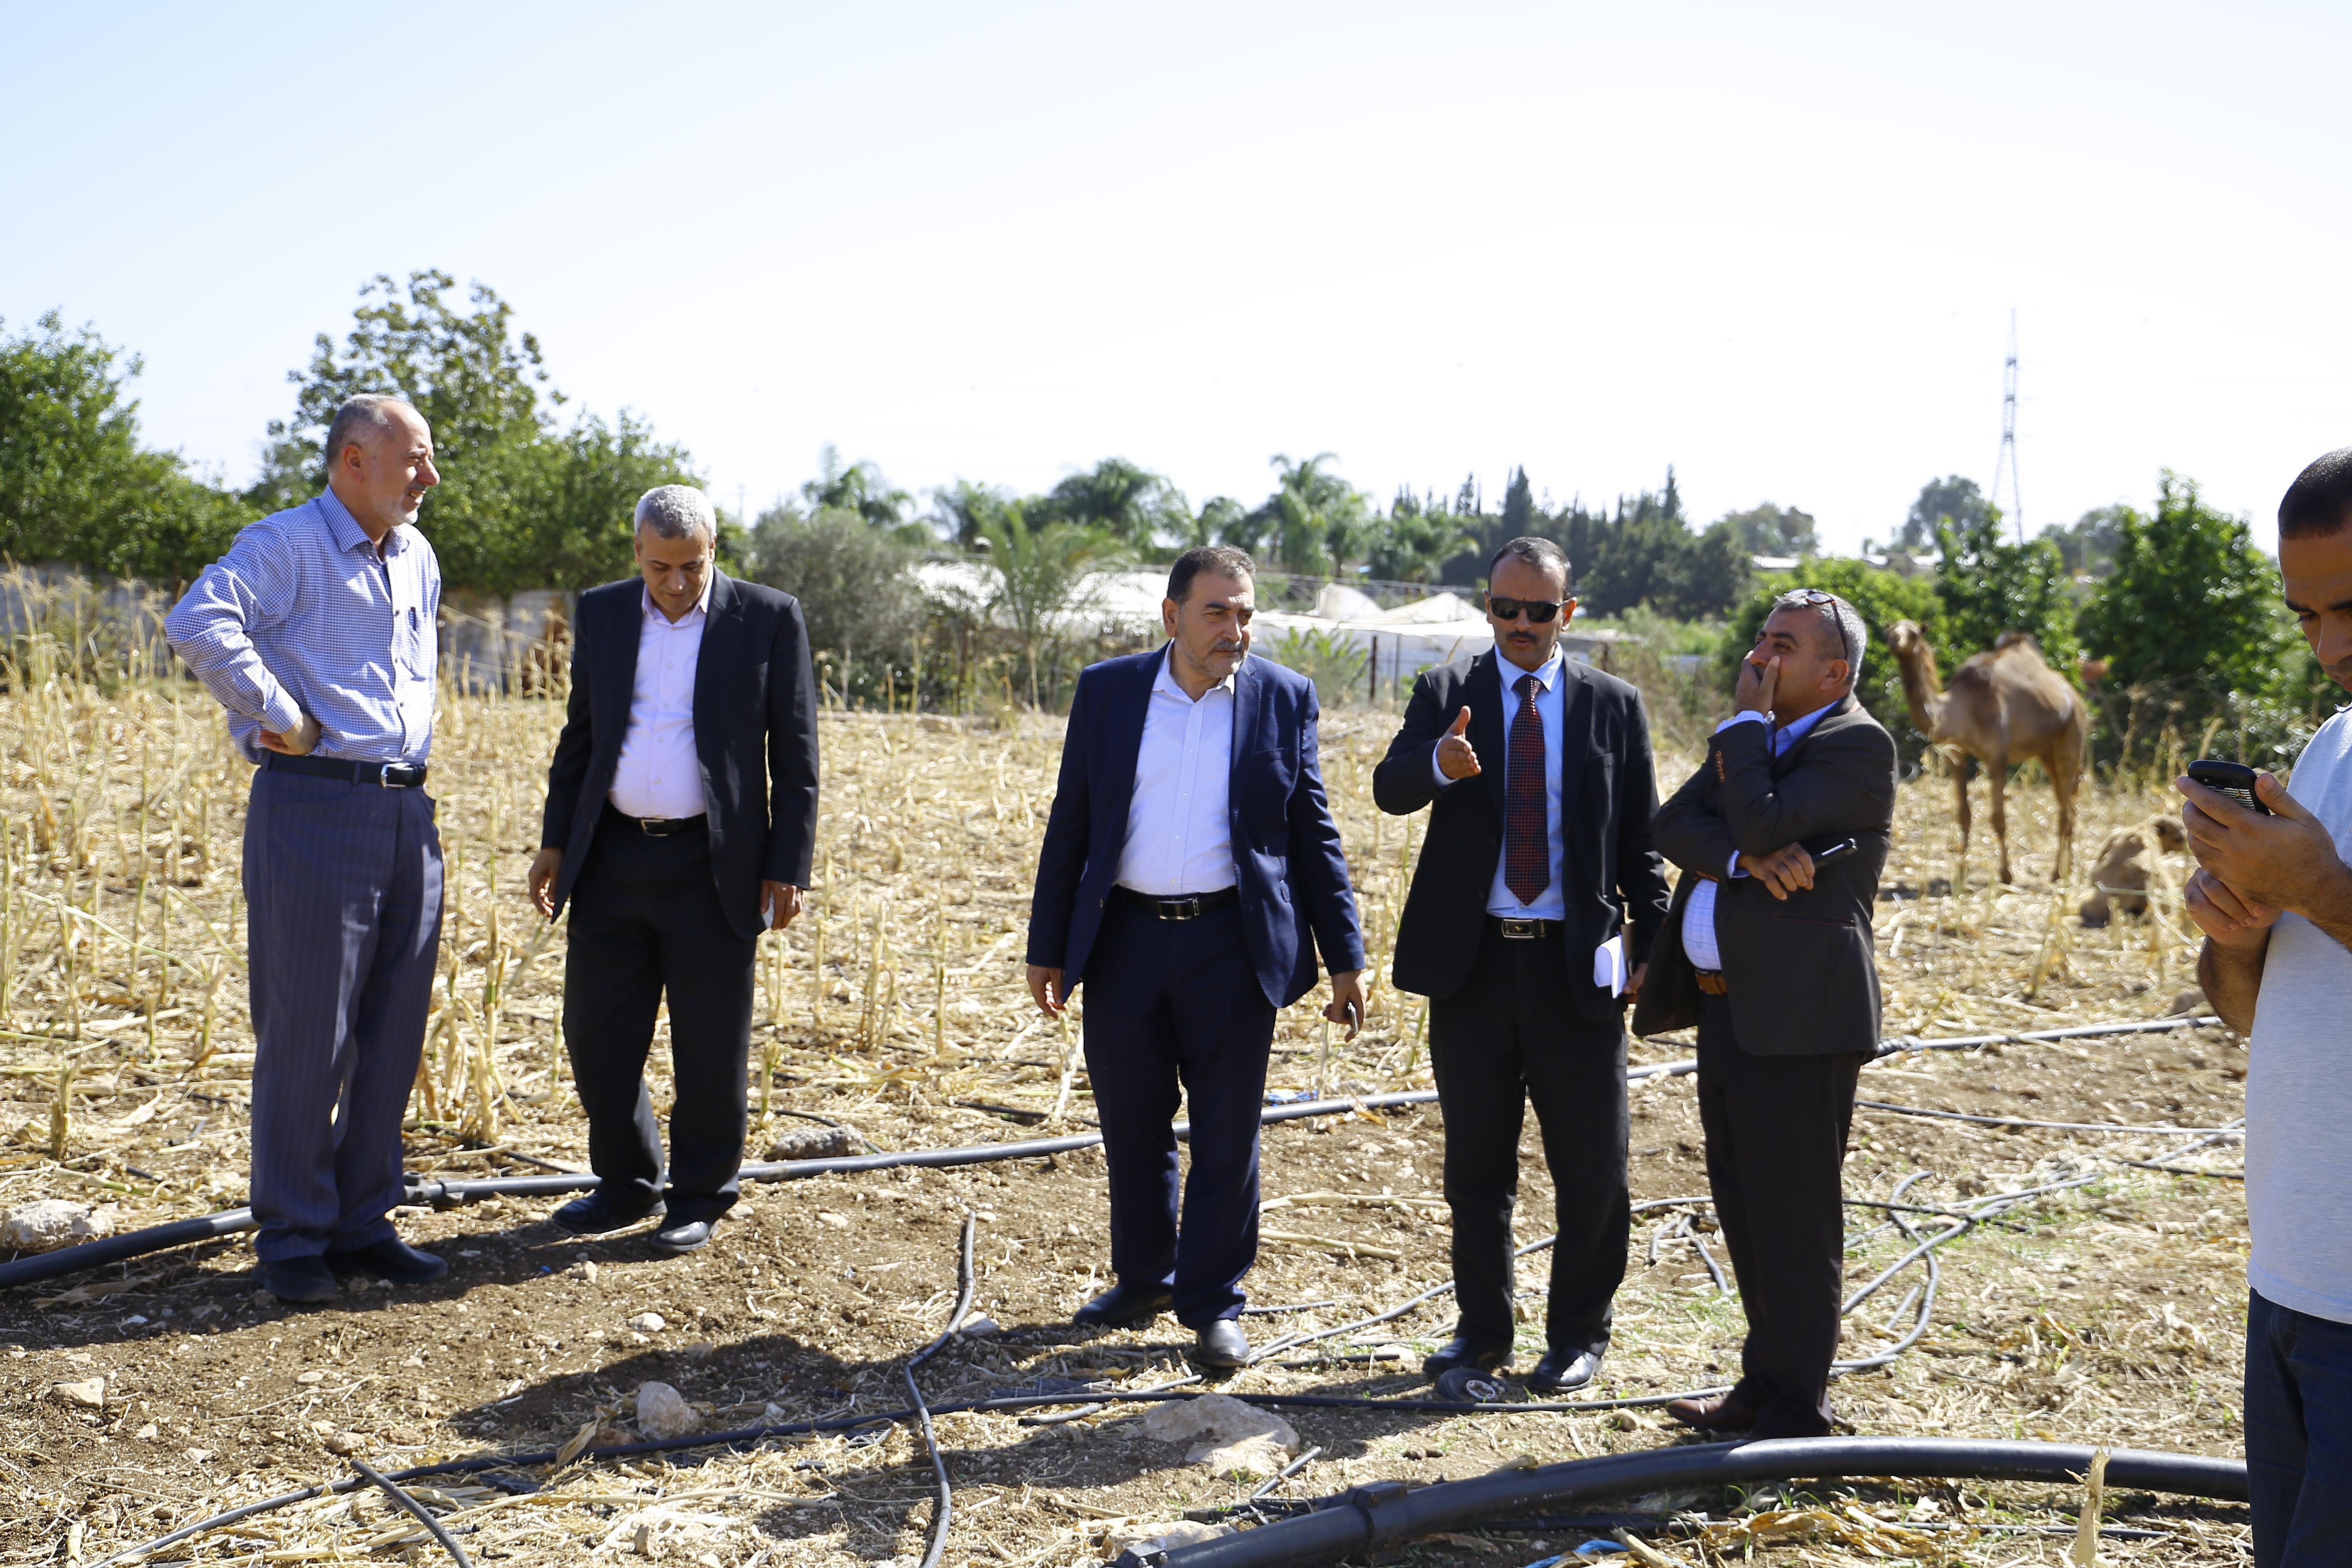 رئيس البلدية يستقبل وكيل مساعد شؤون المحافظات في وزارة الثقافة لمناقشة انشاء مركز ثقافي في مدينة قلقيلية .